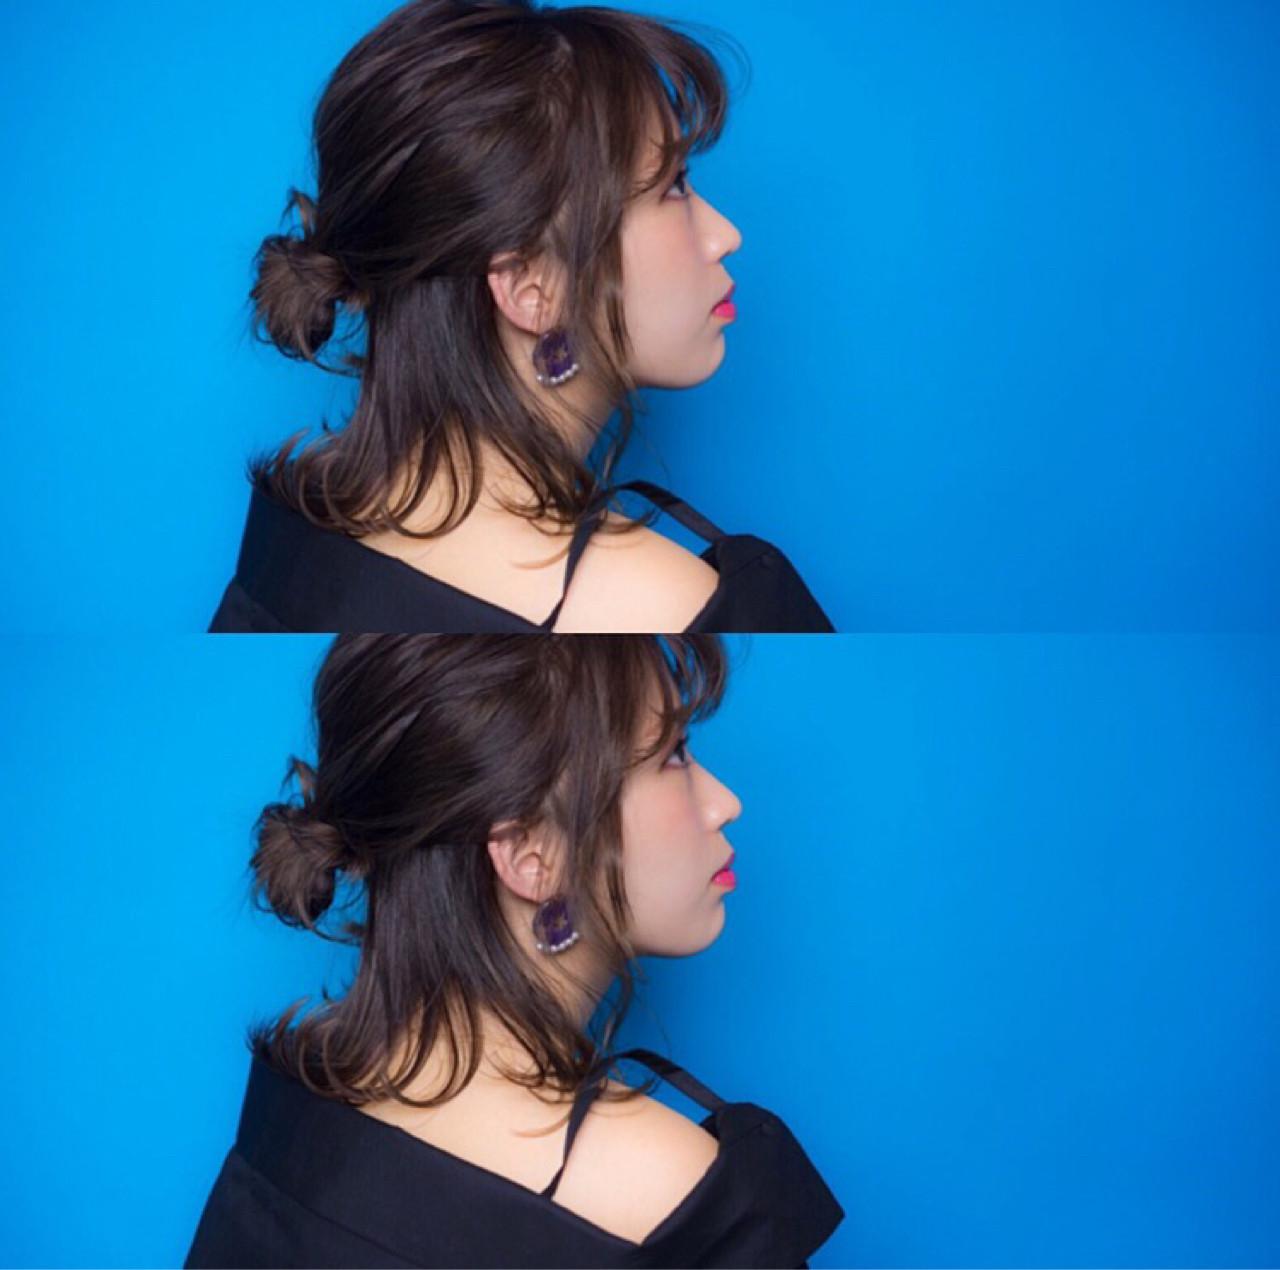 イルミナカラー ハーフアップ ボブ フェミニンヘアスタイルや髪型の写真・画像